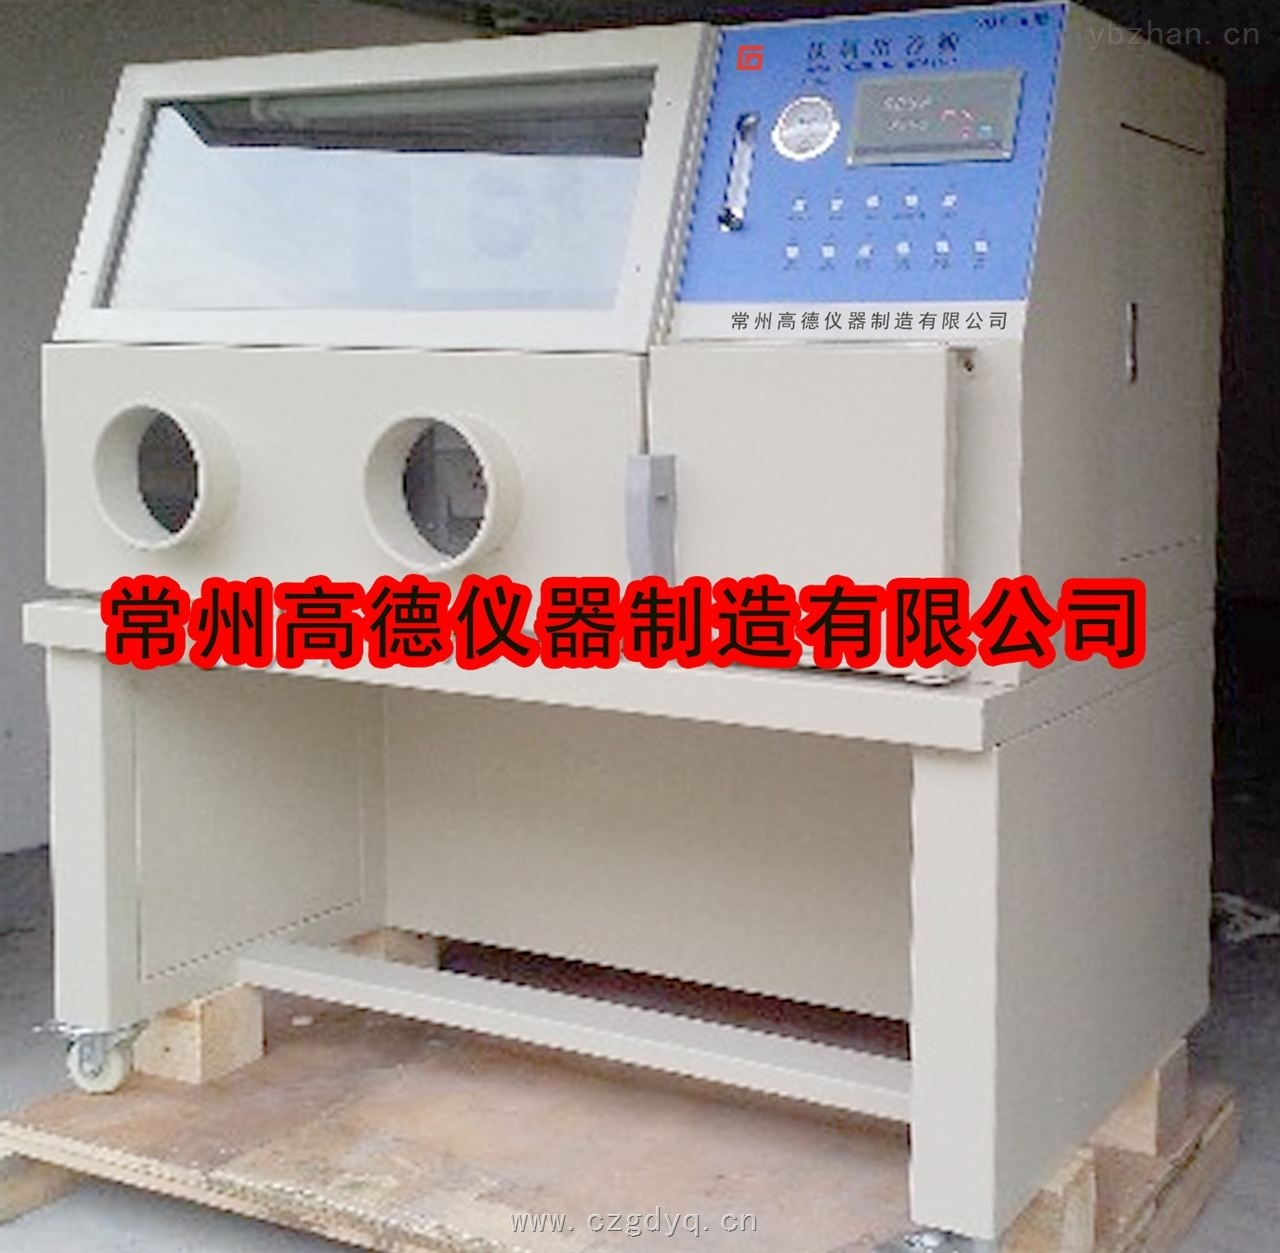 YQX--Ⅱ-厭氧培養箱